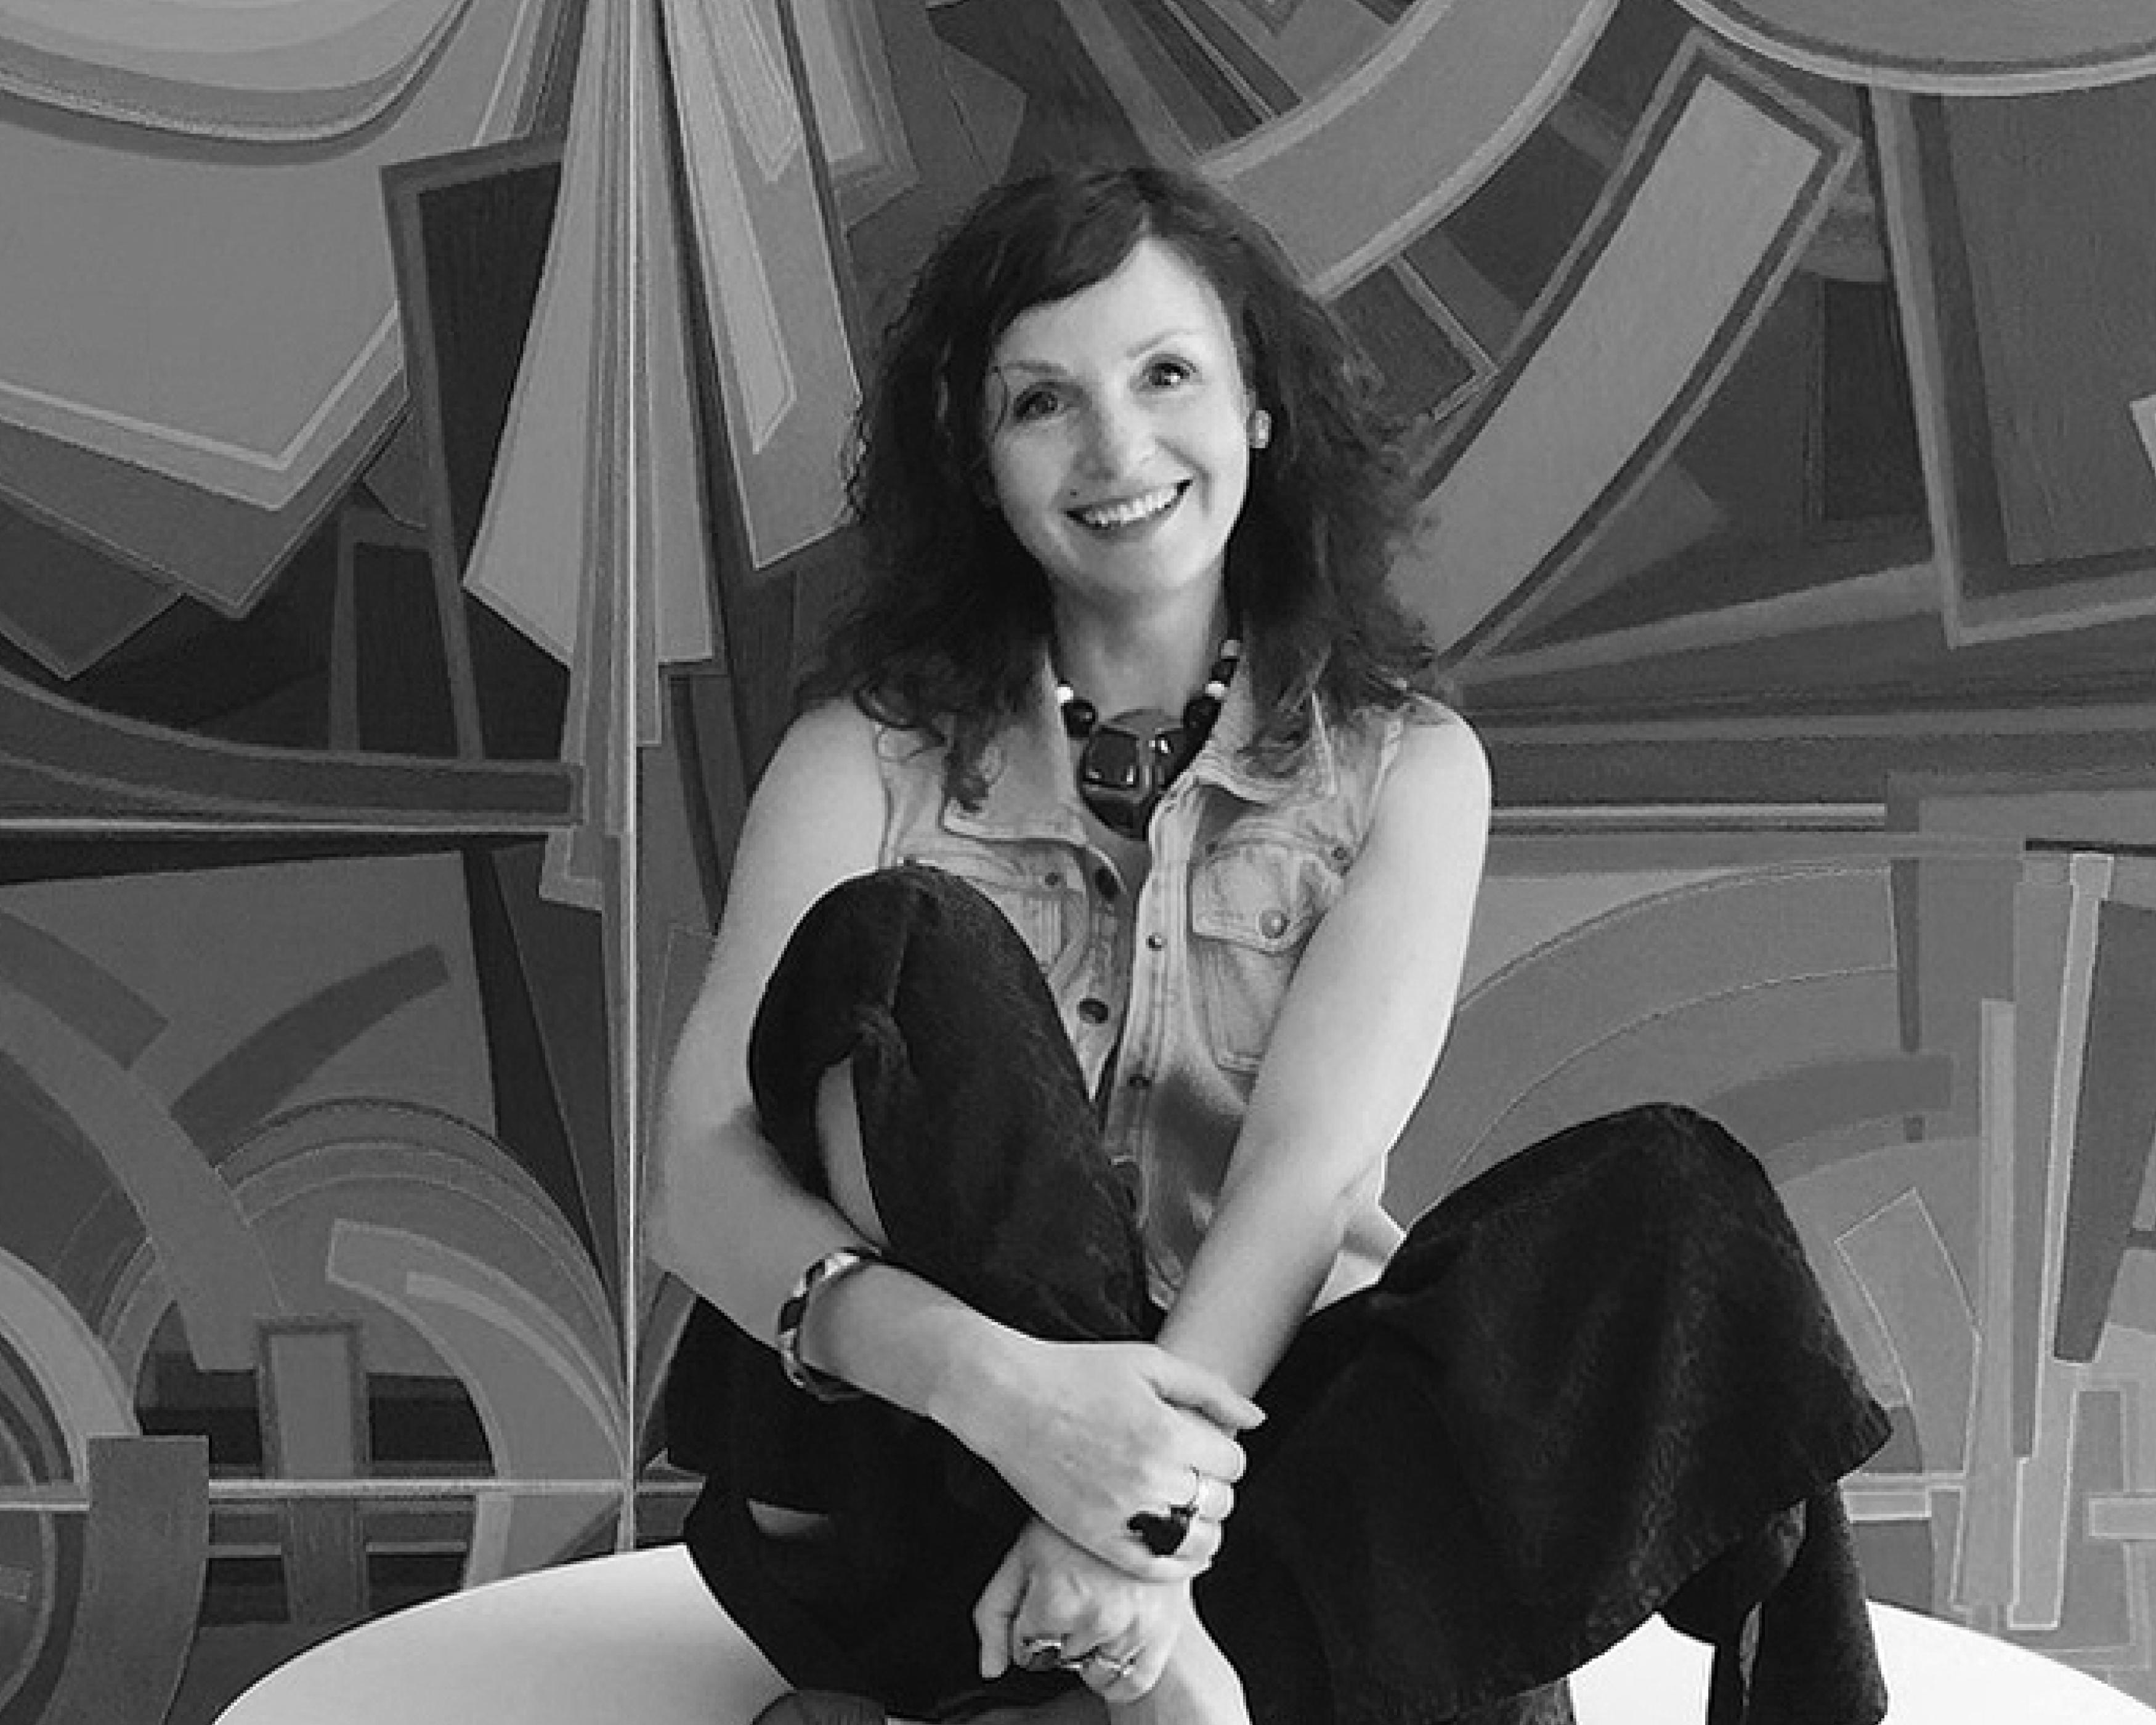 Oxana Dallas